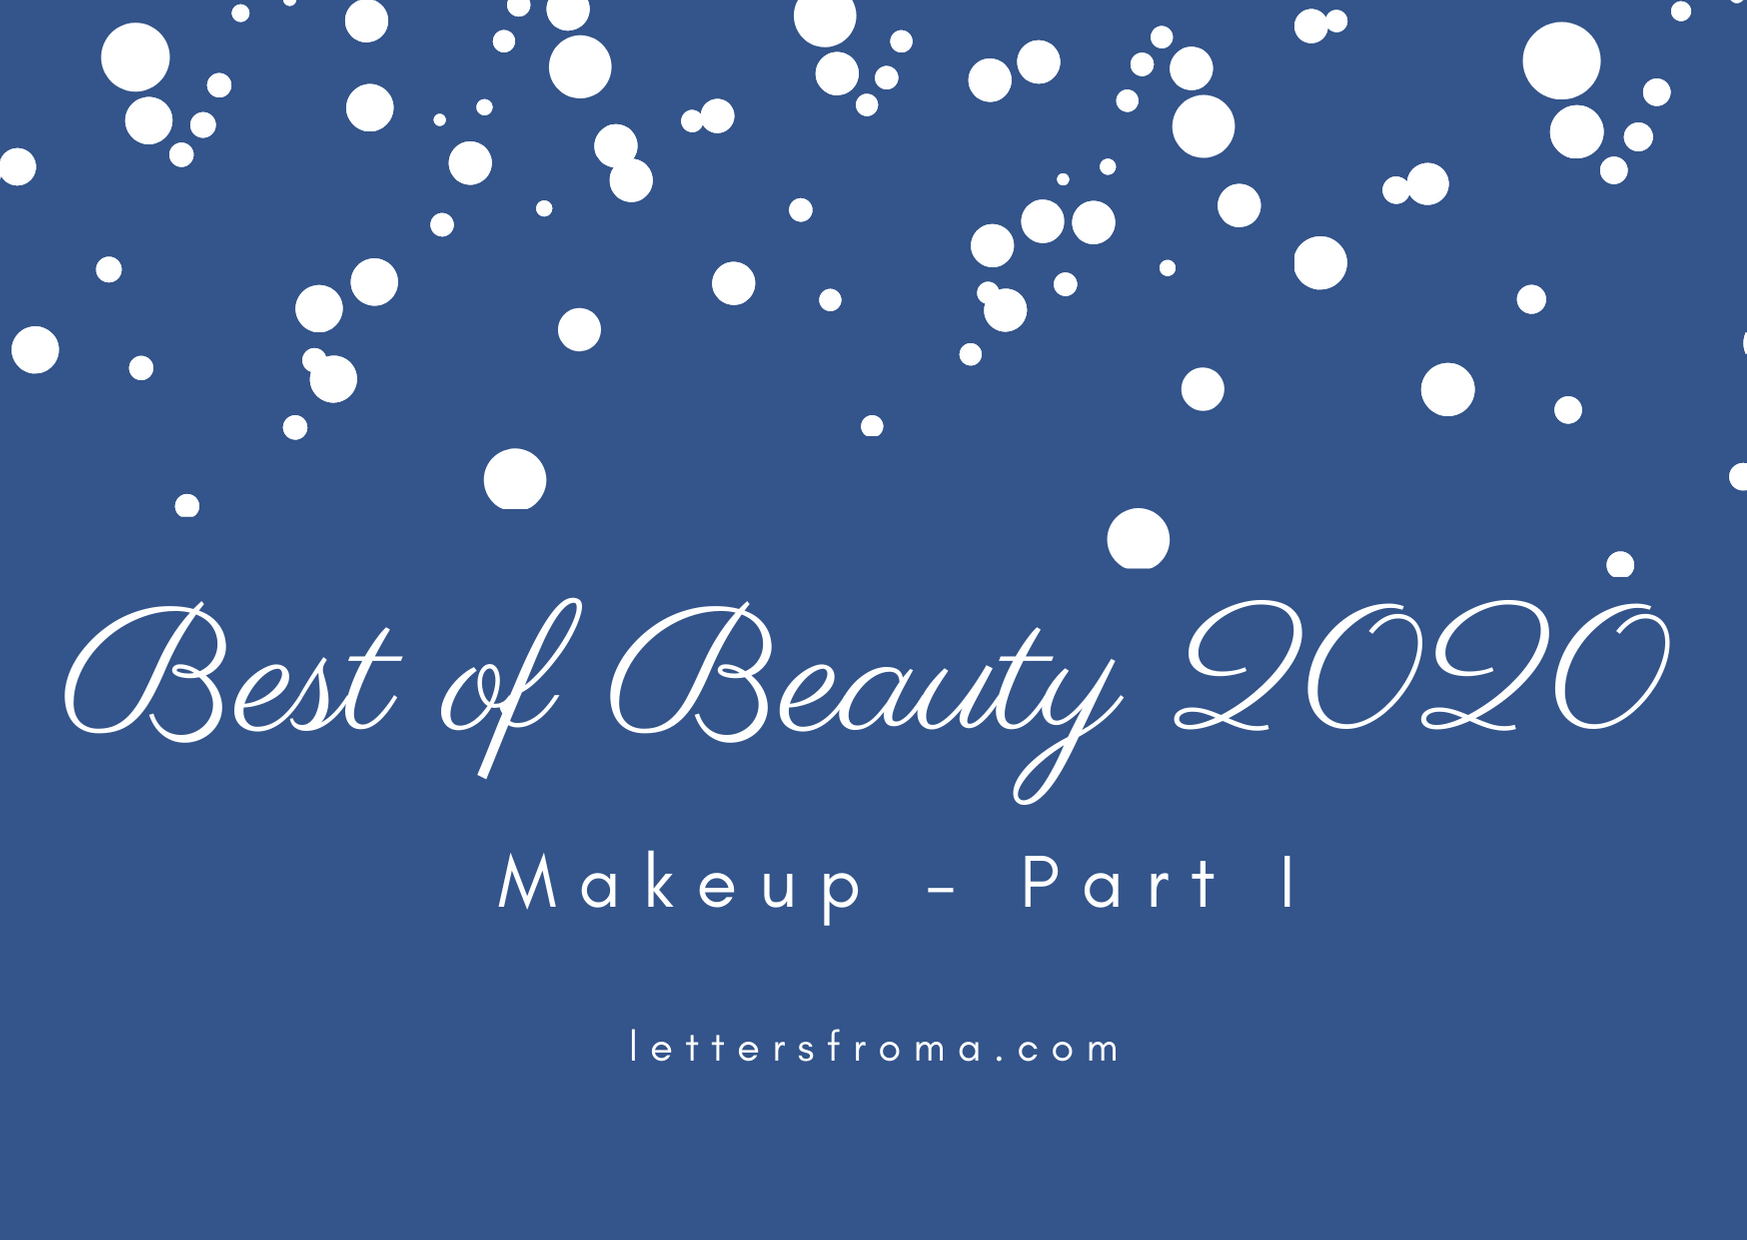 Best of Beauty 2020